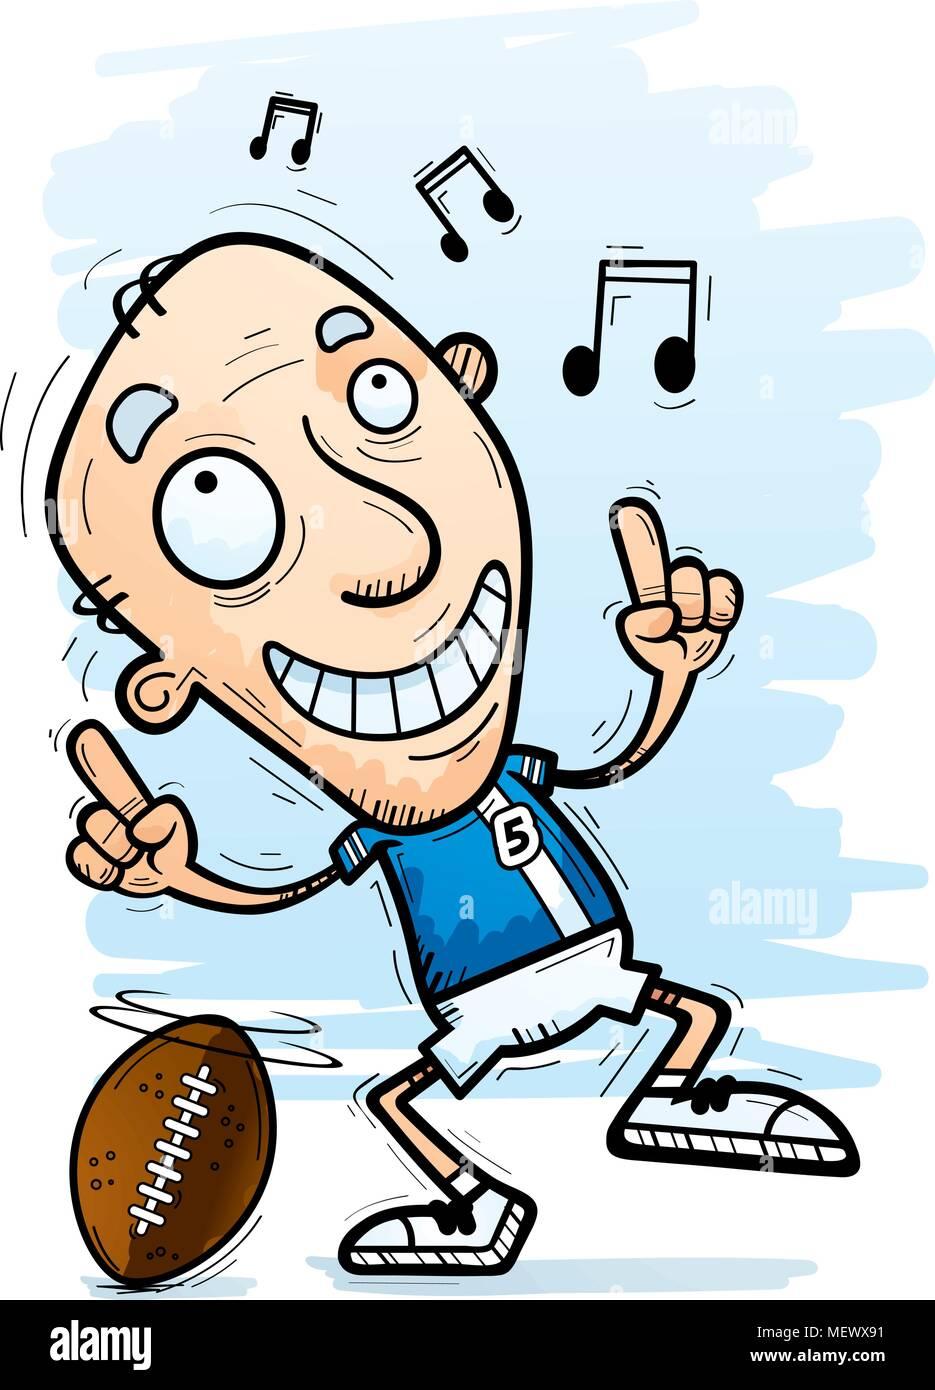 Ein Cartoon Illustration Eines Alteren Burgers Mann Fussball